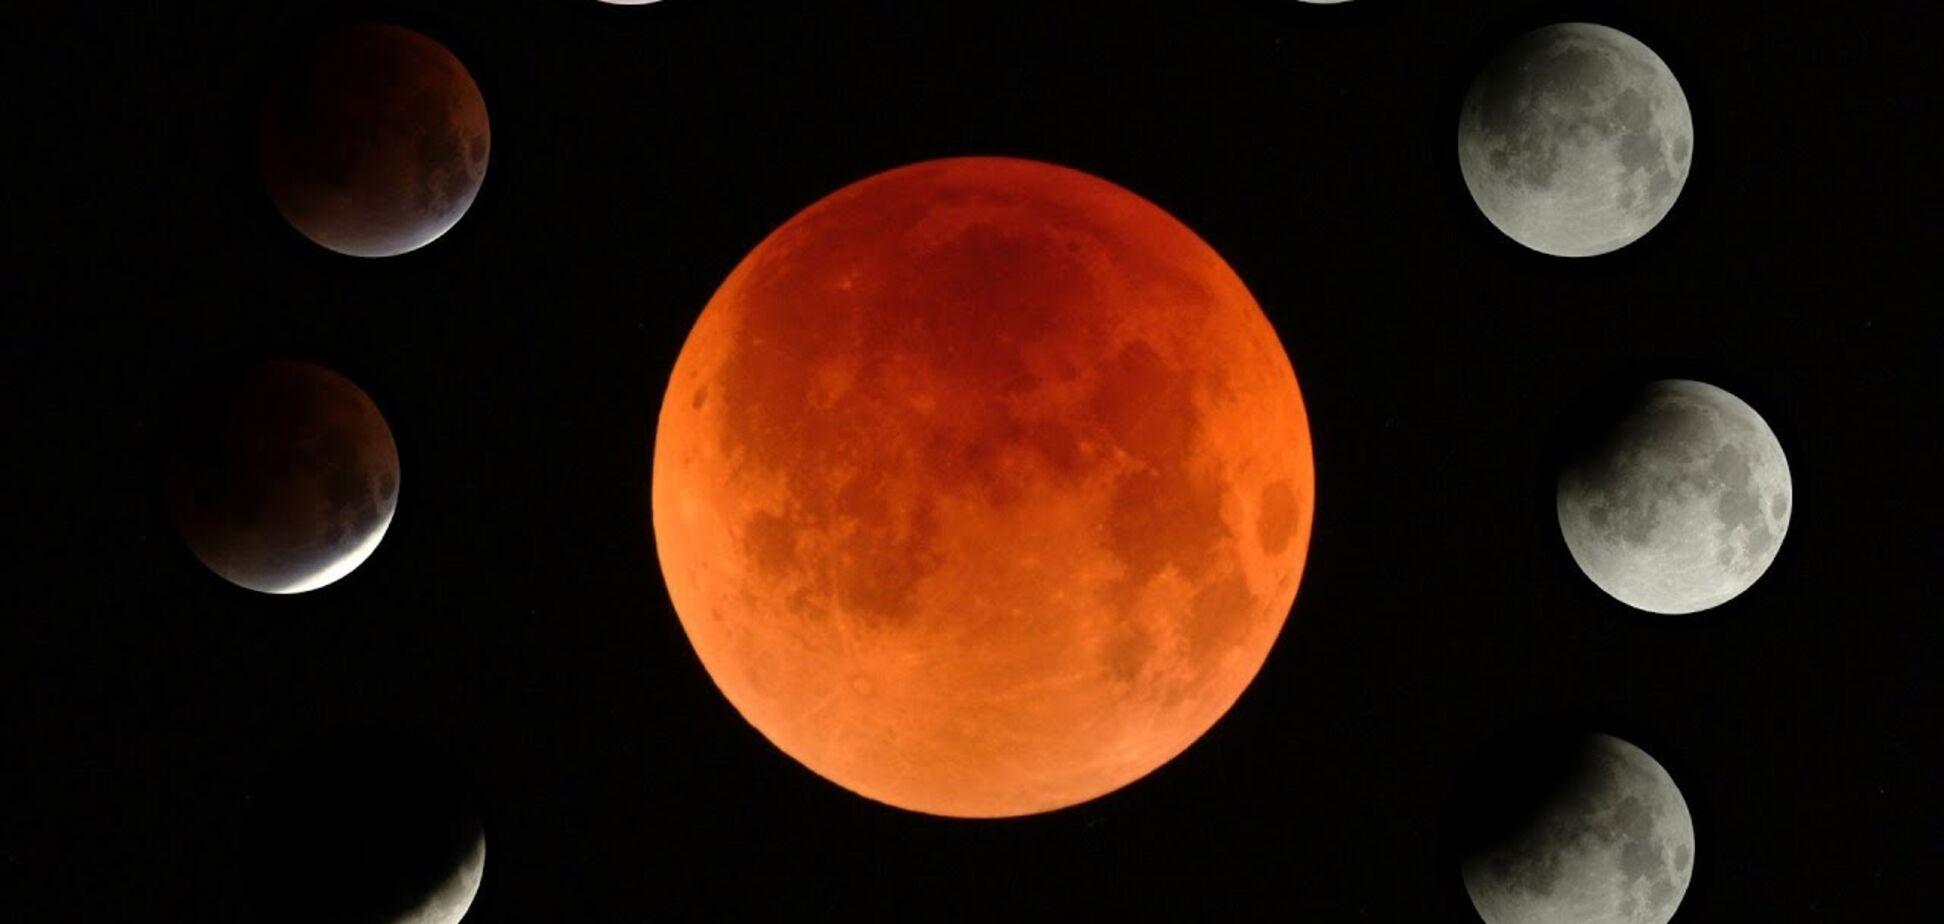 Місячне затемнення: коли його чекати в липні